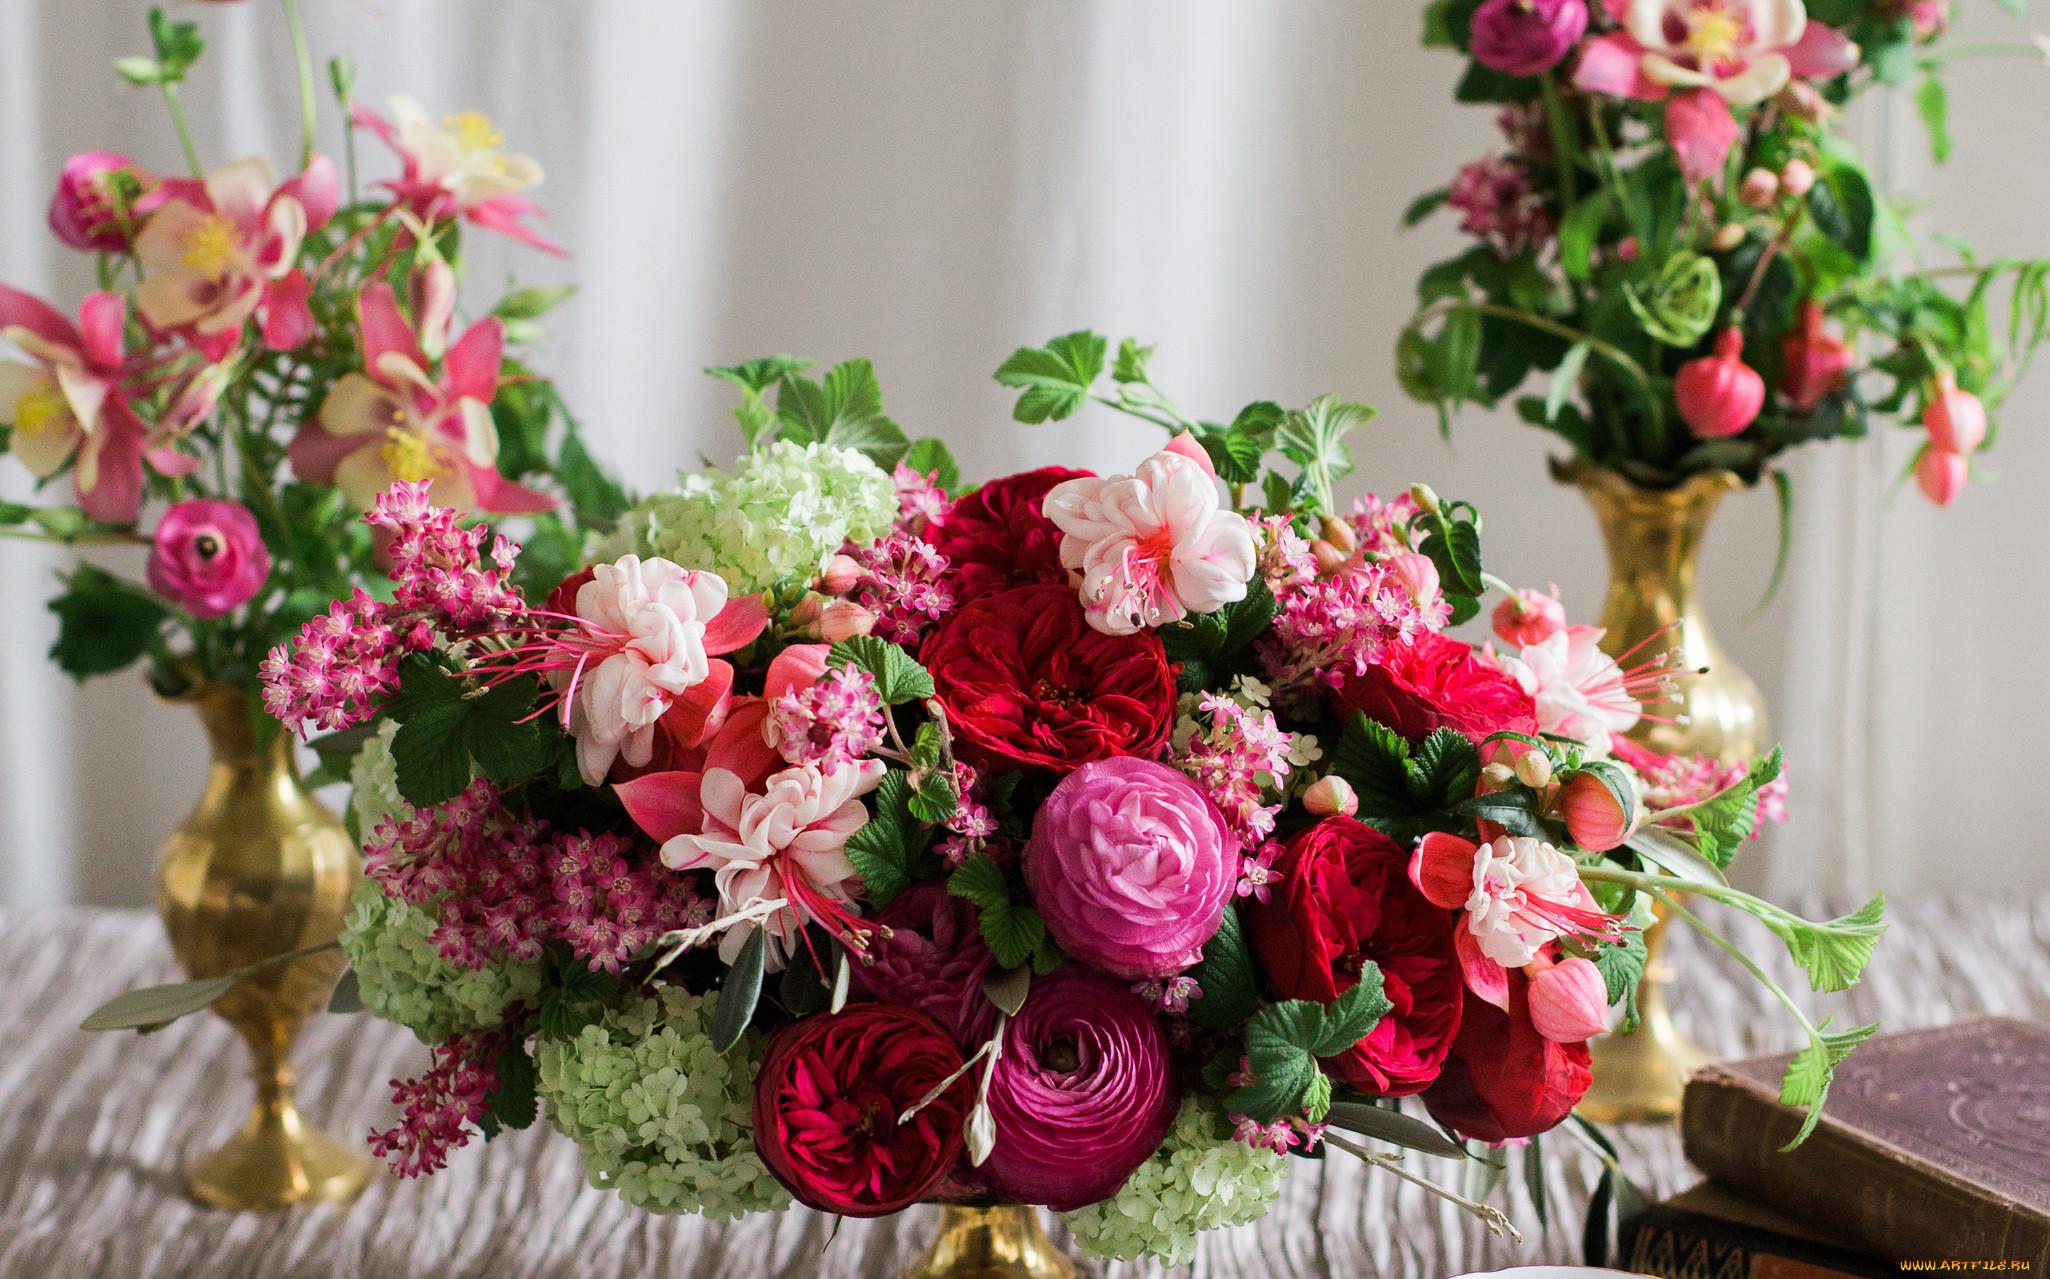 красивые цветы фото и картинки с добрым утром здесь